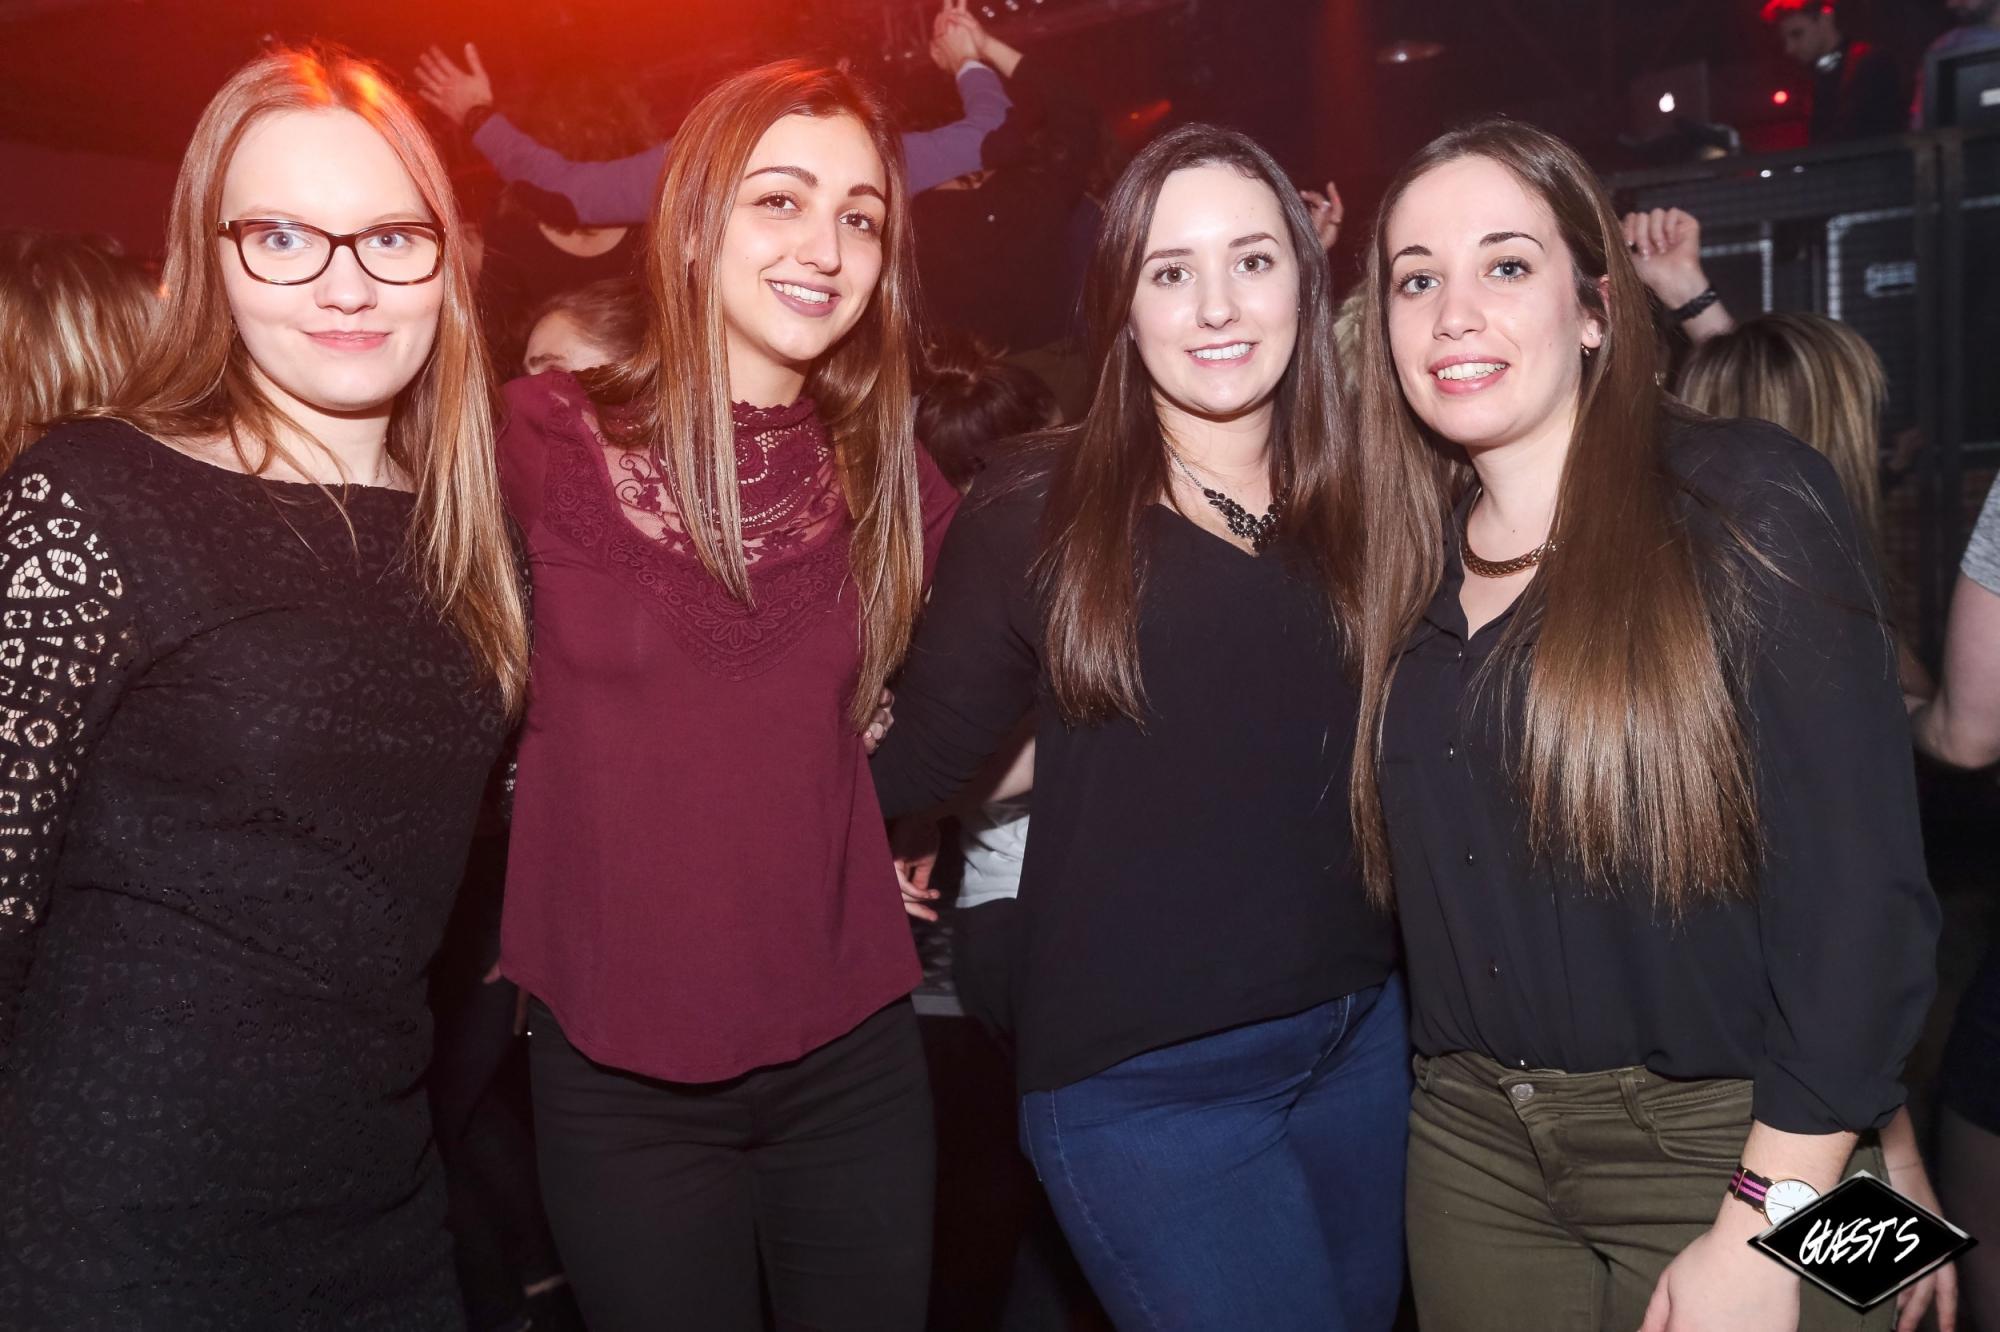 Just 4 Girlz - Vendredi 24 Mars 2017 - 08